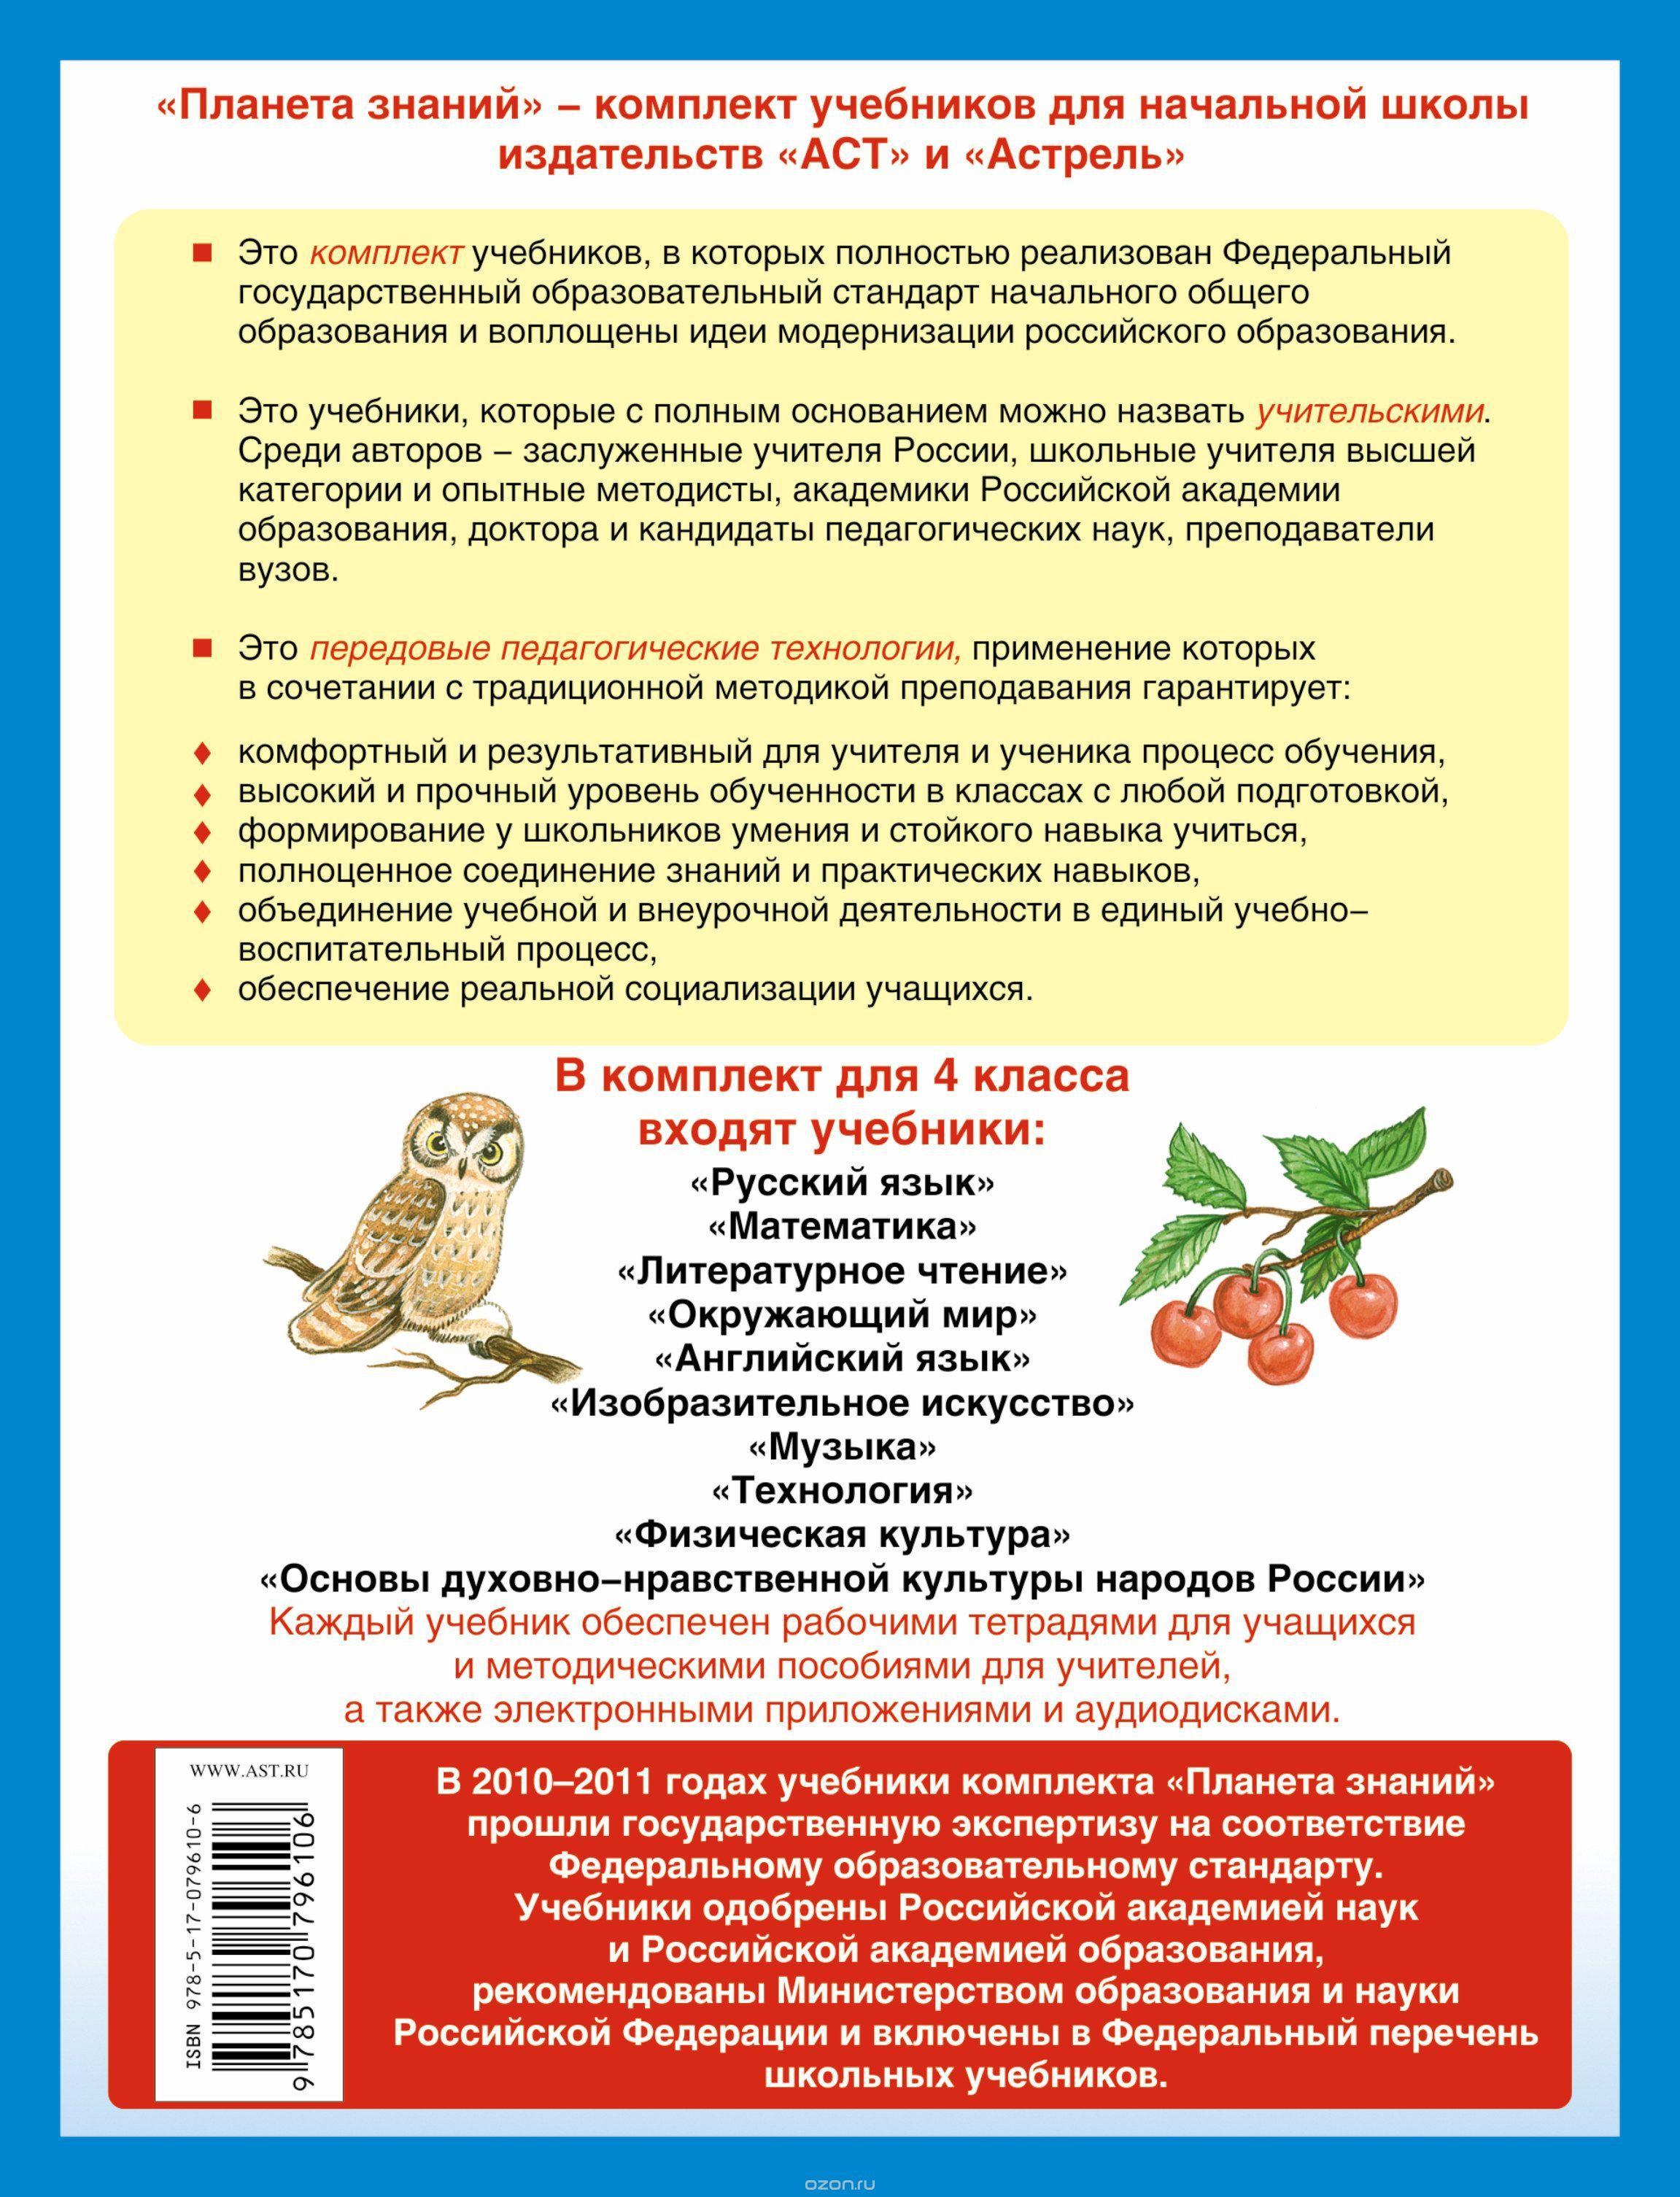 Google Переводчик Перевести анимация С языка: рус... ¿3 На: япо ...